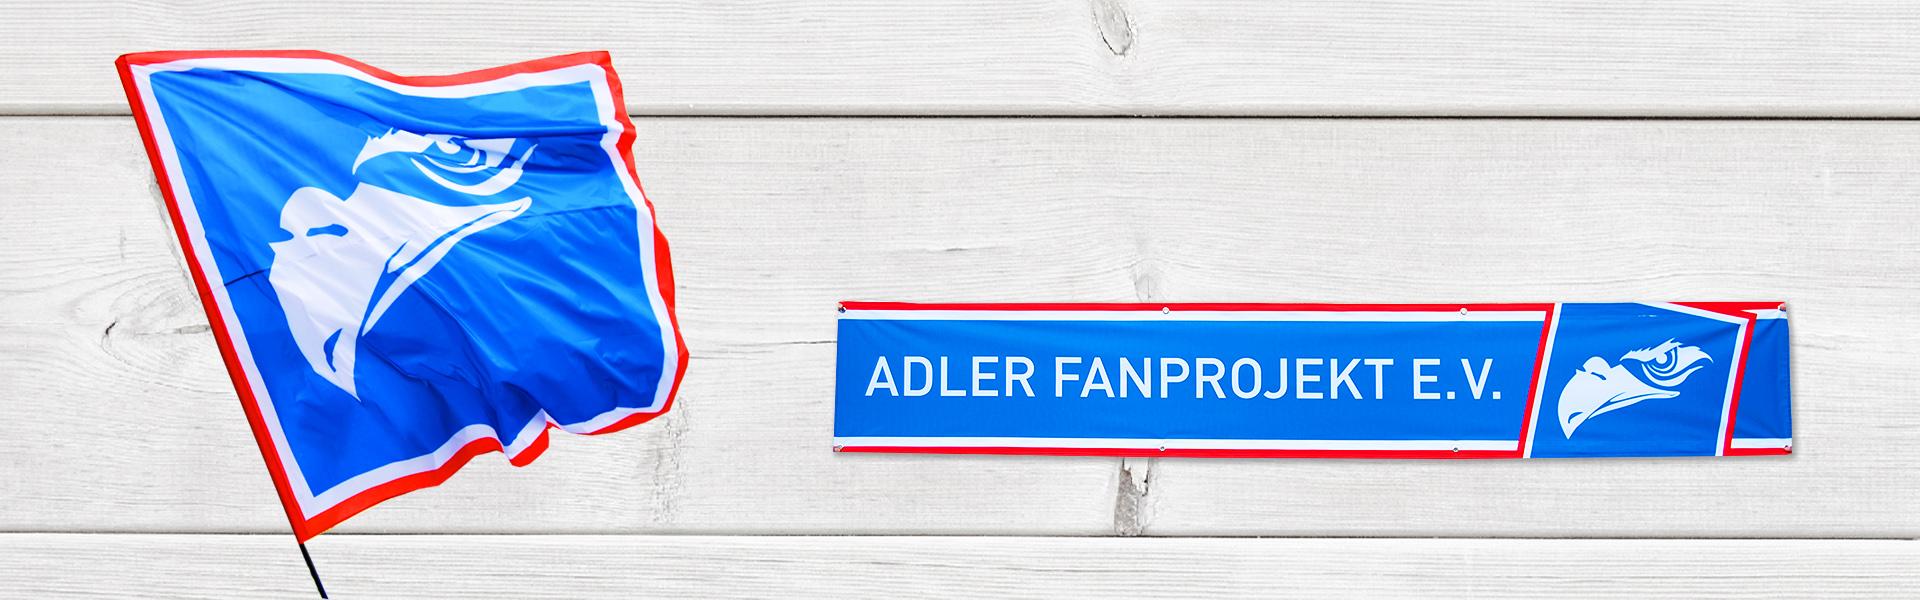 slide-fahnen-adler-fp